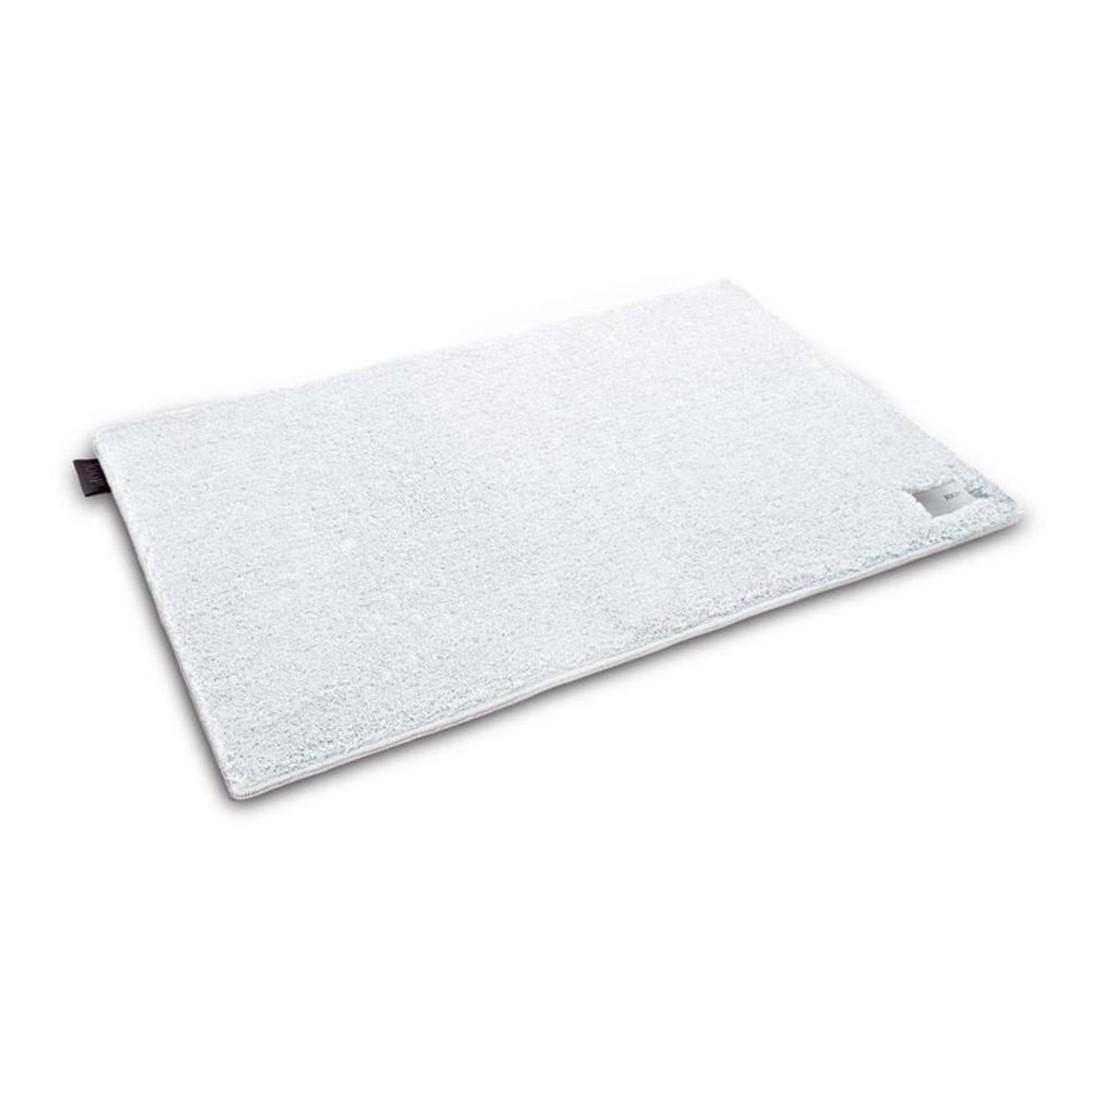 Badteppich Luxury – 100% Polyacryl Weiß – 001 – Abmessungen: 60 x 90 cm, Joop günstig kaufen